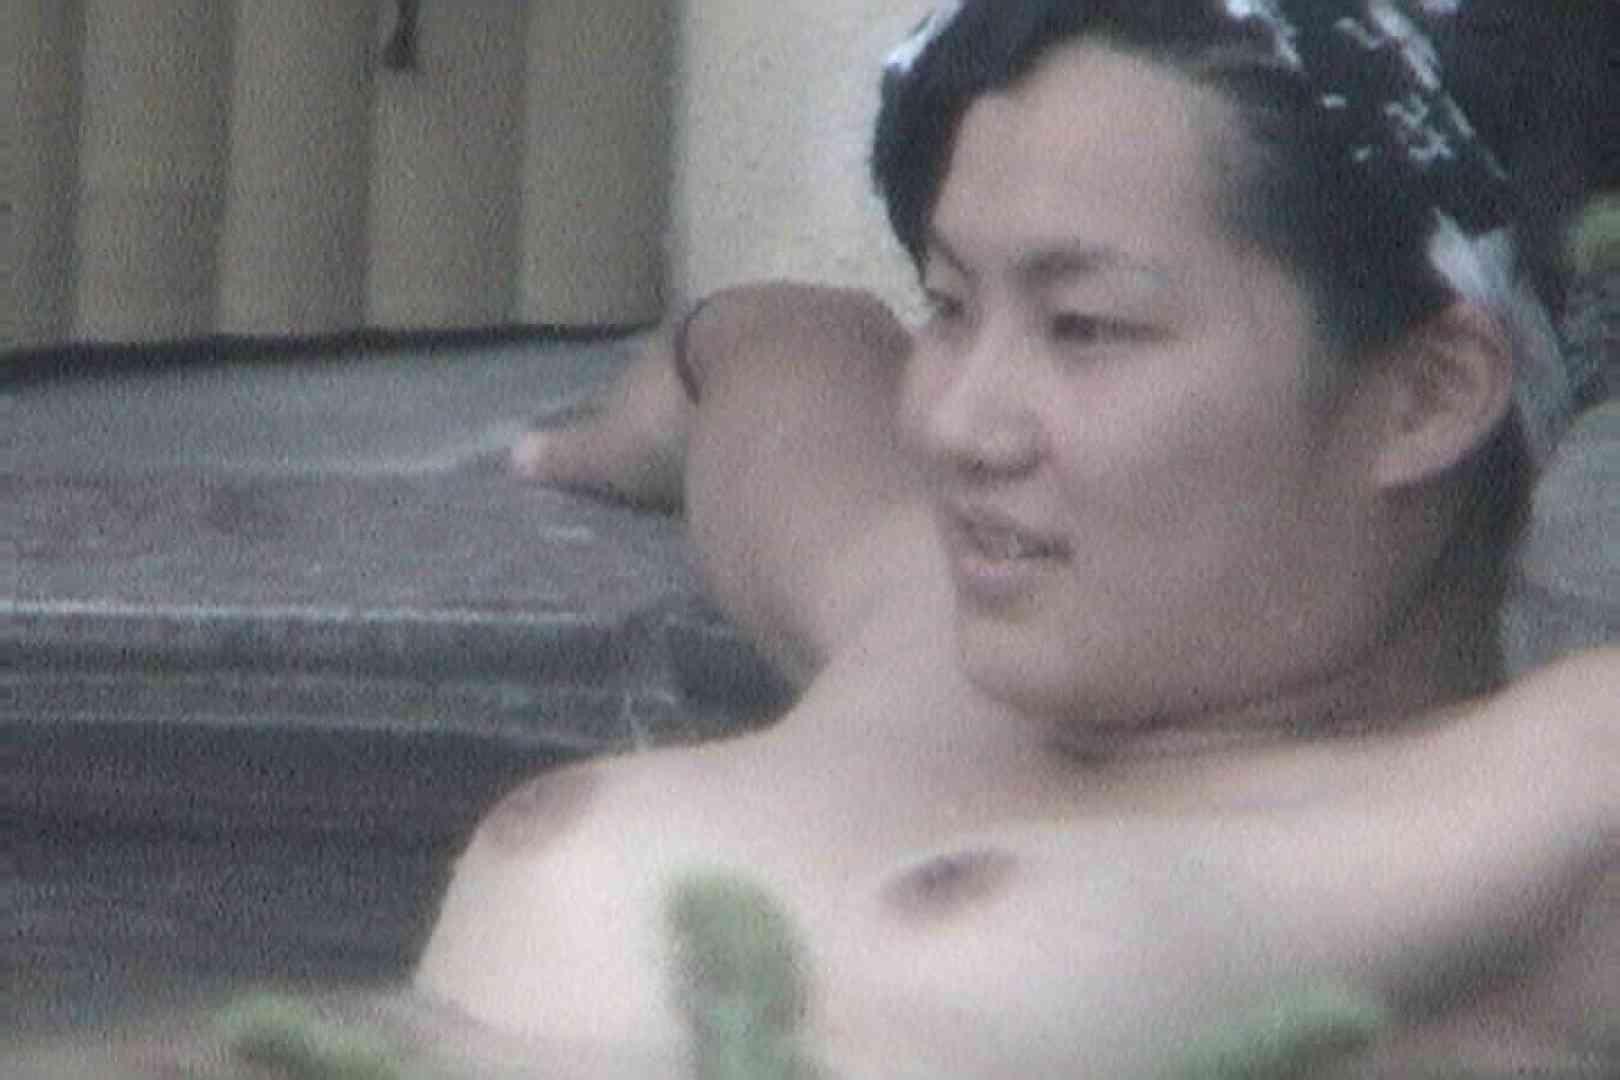 Aquaな露天風呂Vol.103 露天風呂突入 エロ無料画像 85pic 8